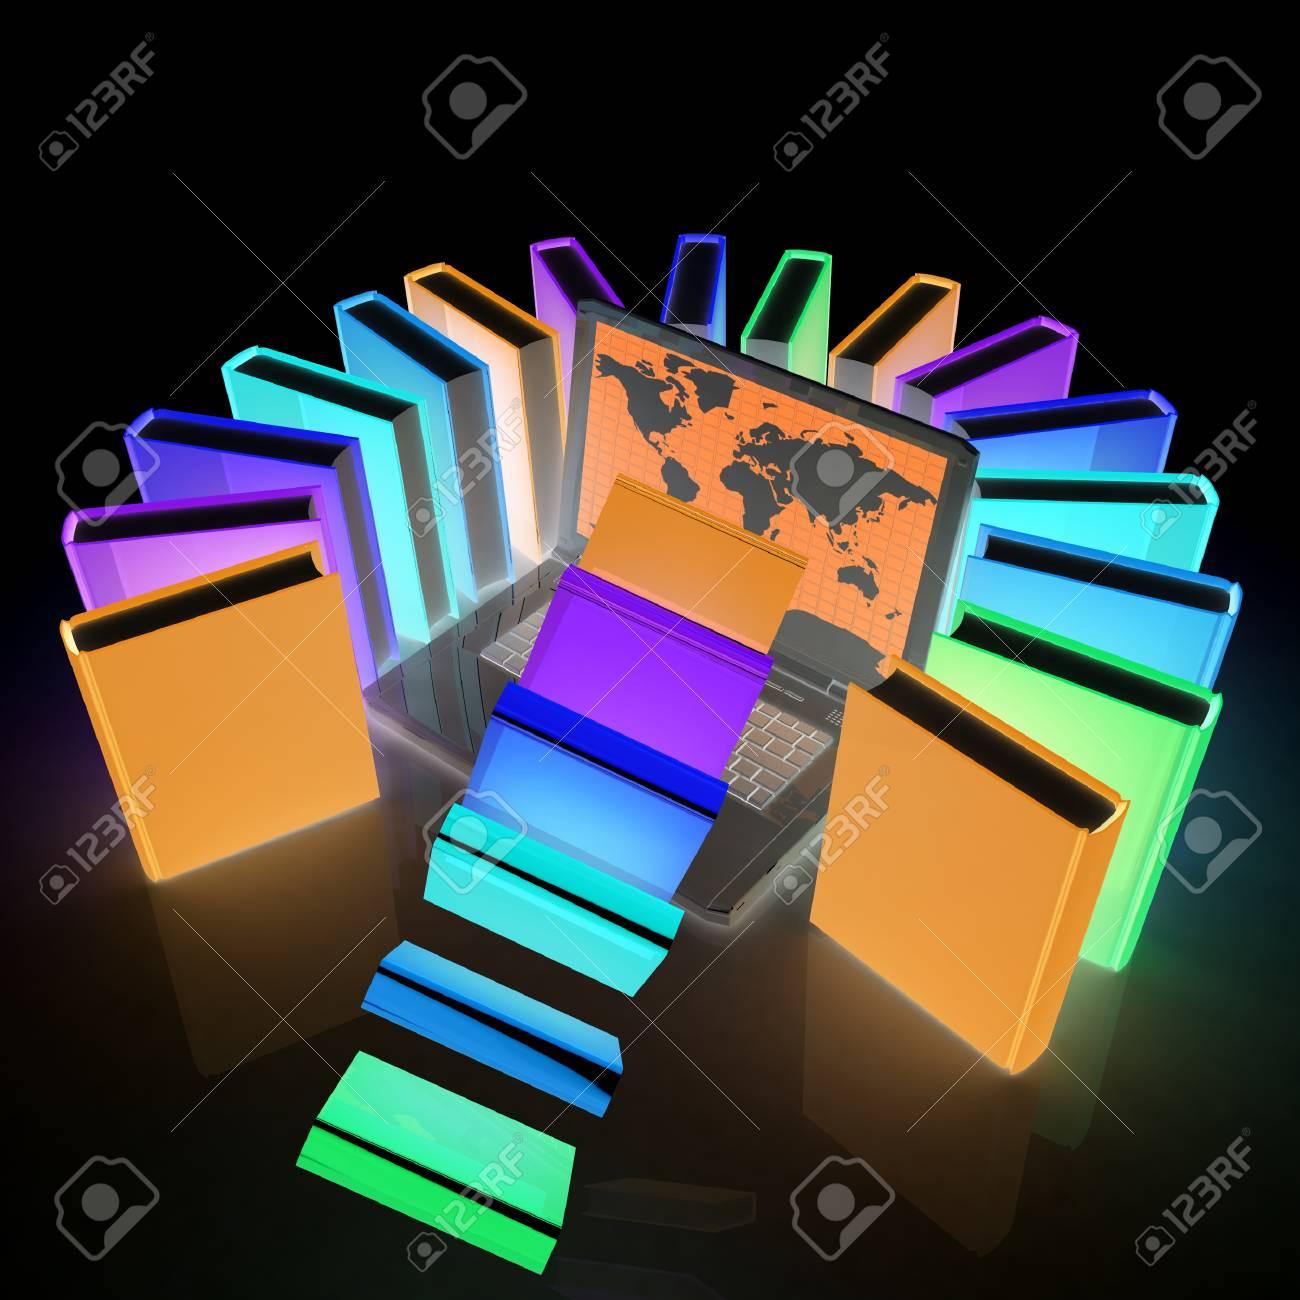 Libros Volar Y Un Ordenador Portátil De Colores Sobre Un Fondo ...